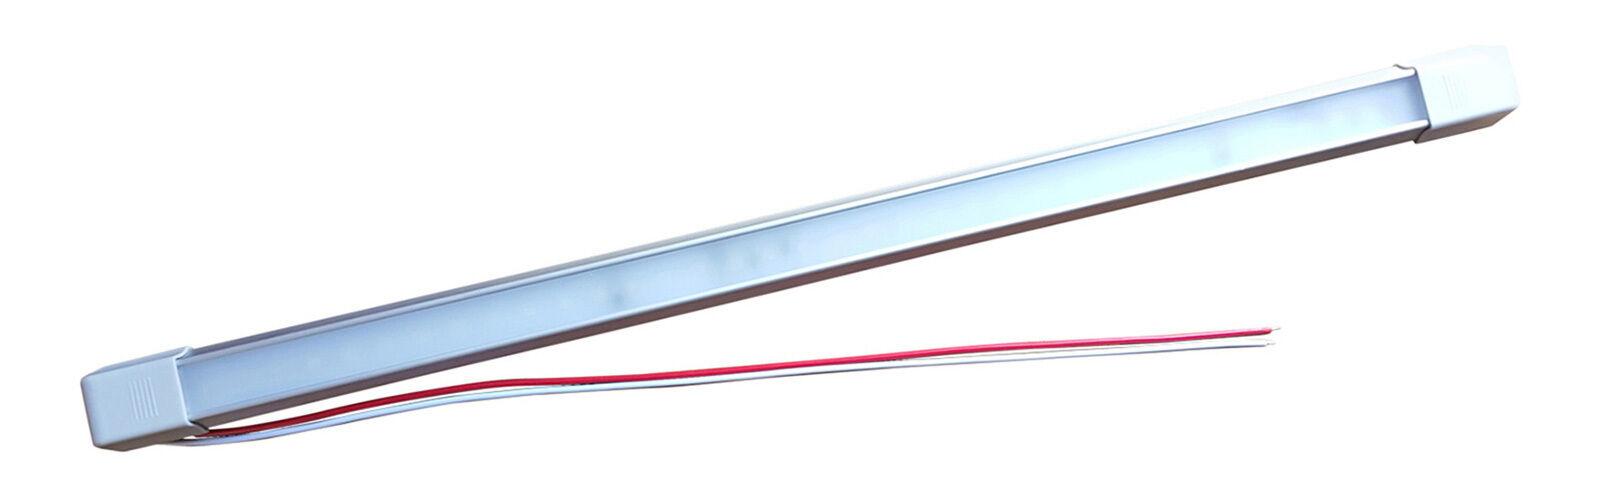 NARROWBOAT INTERIOR 36 LED STRIP LIGHT WHITE 7.2W 650LM 12V-28V DC